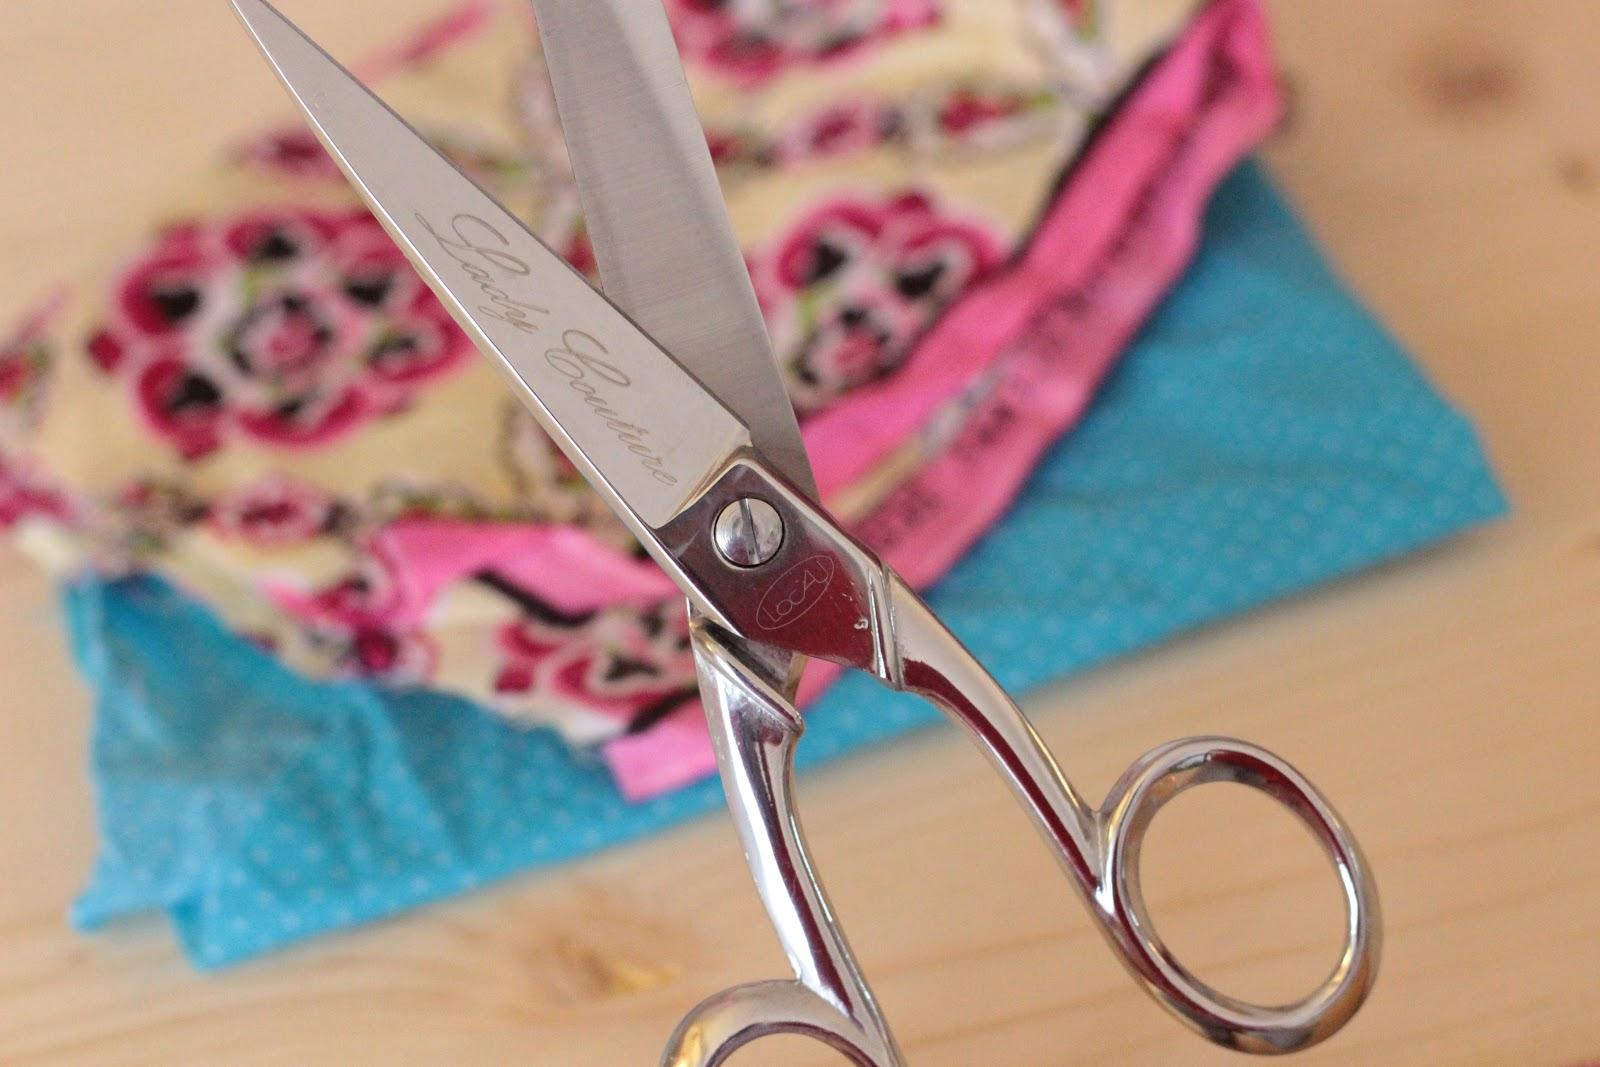 ciseaux matériel créatif ciseau couture